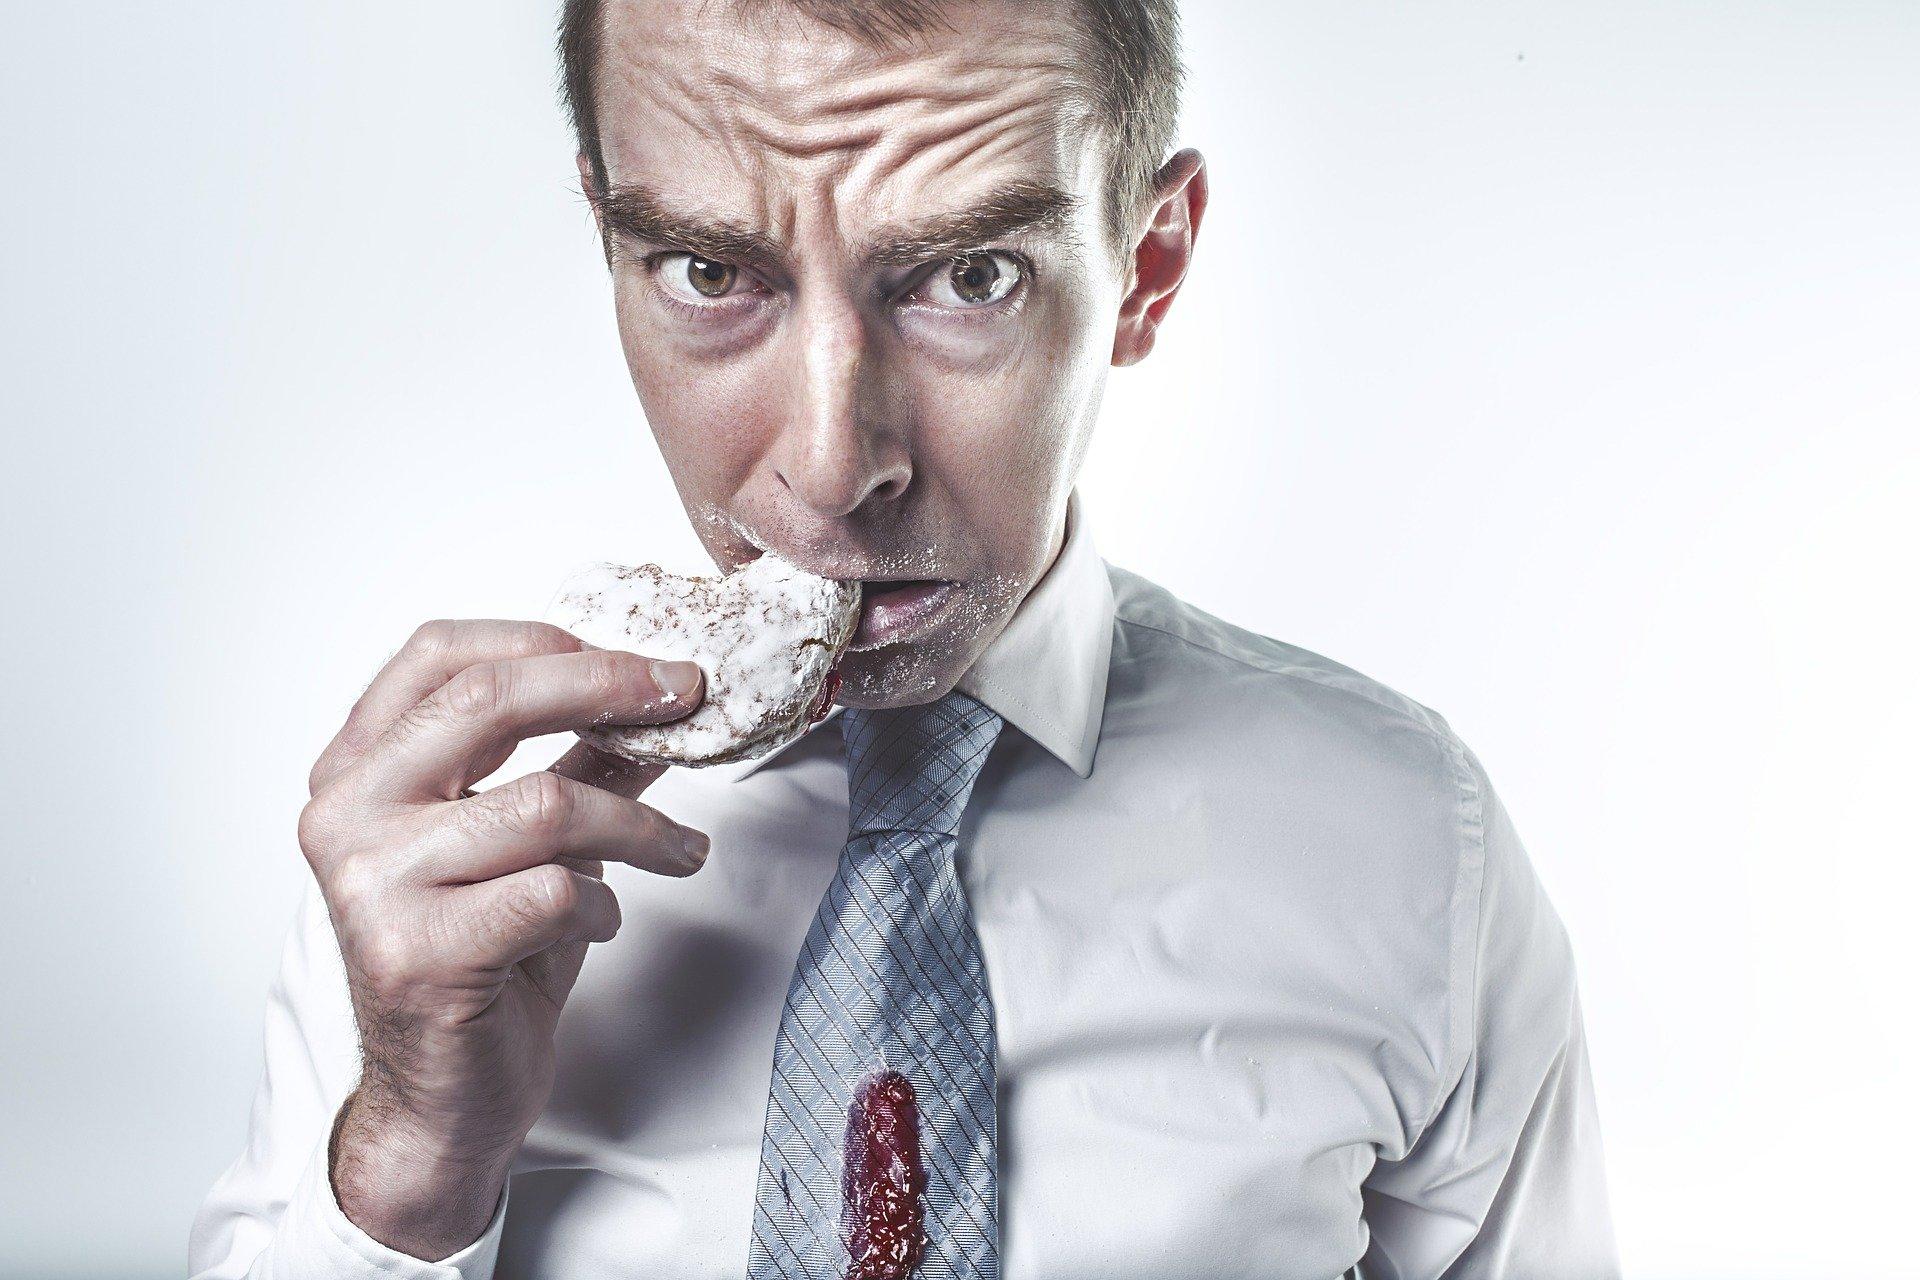 muž s jídlem